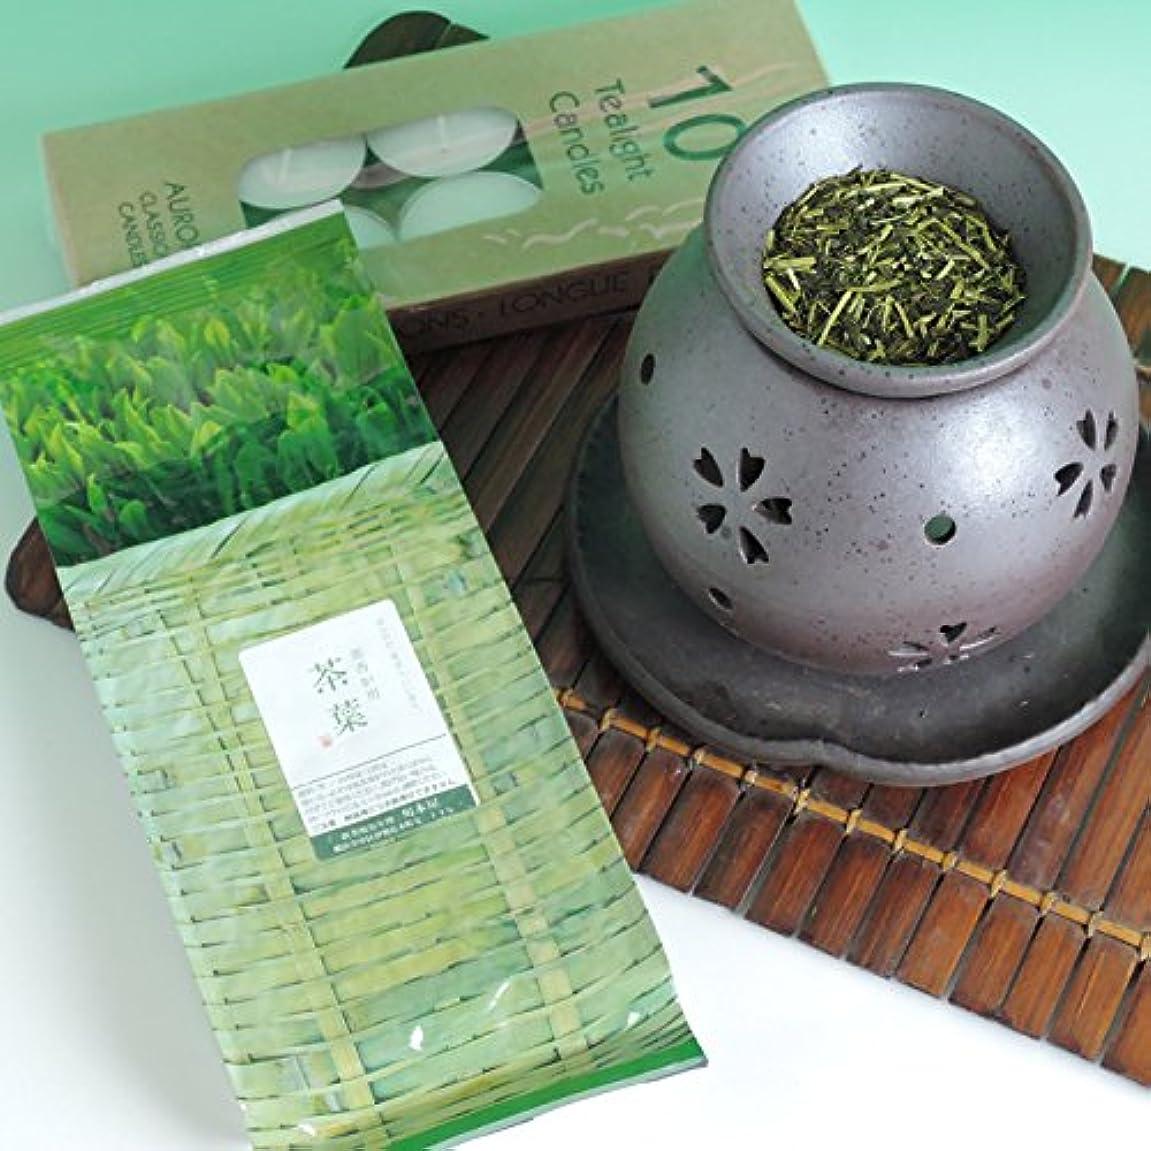 確認するキャロライン病茶香炉 盛正作 ローソク 茶香炉専用 茶葉 セット 川本屋茶舗